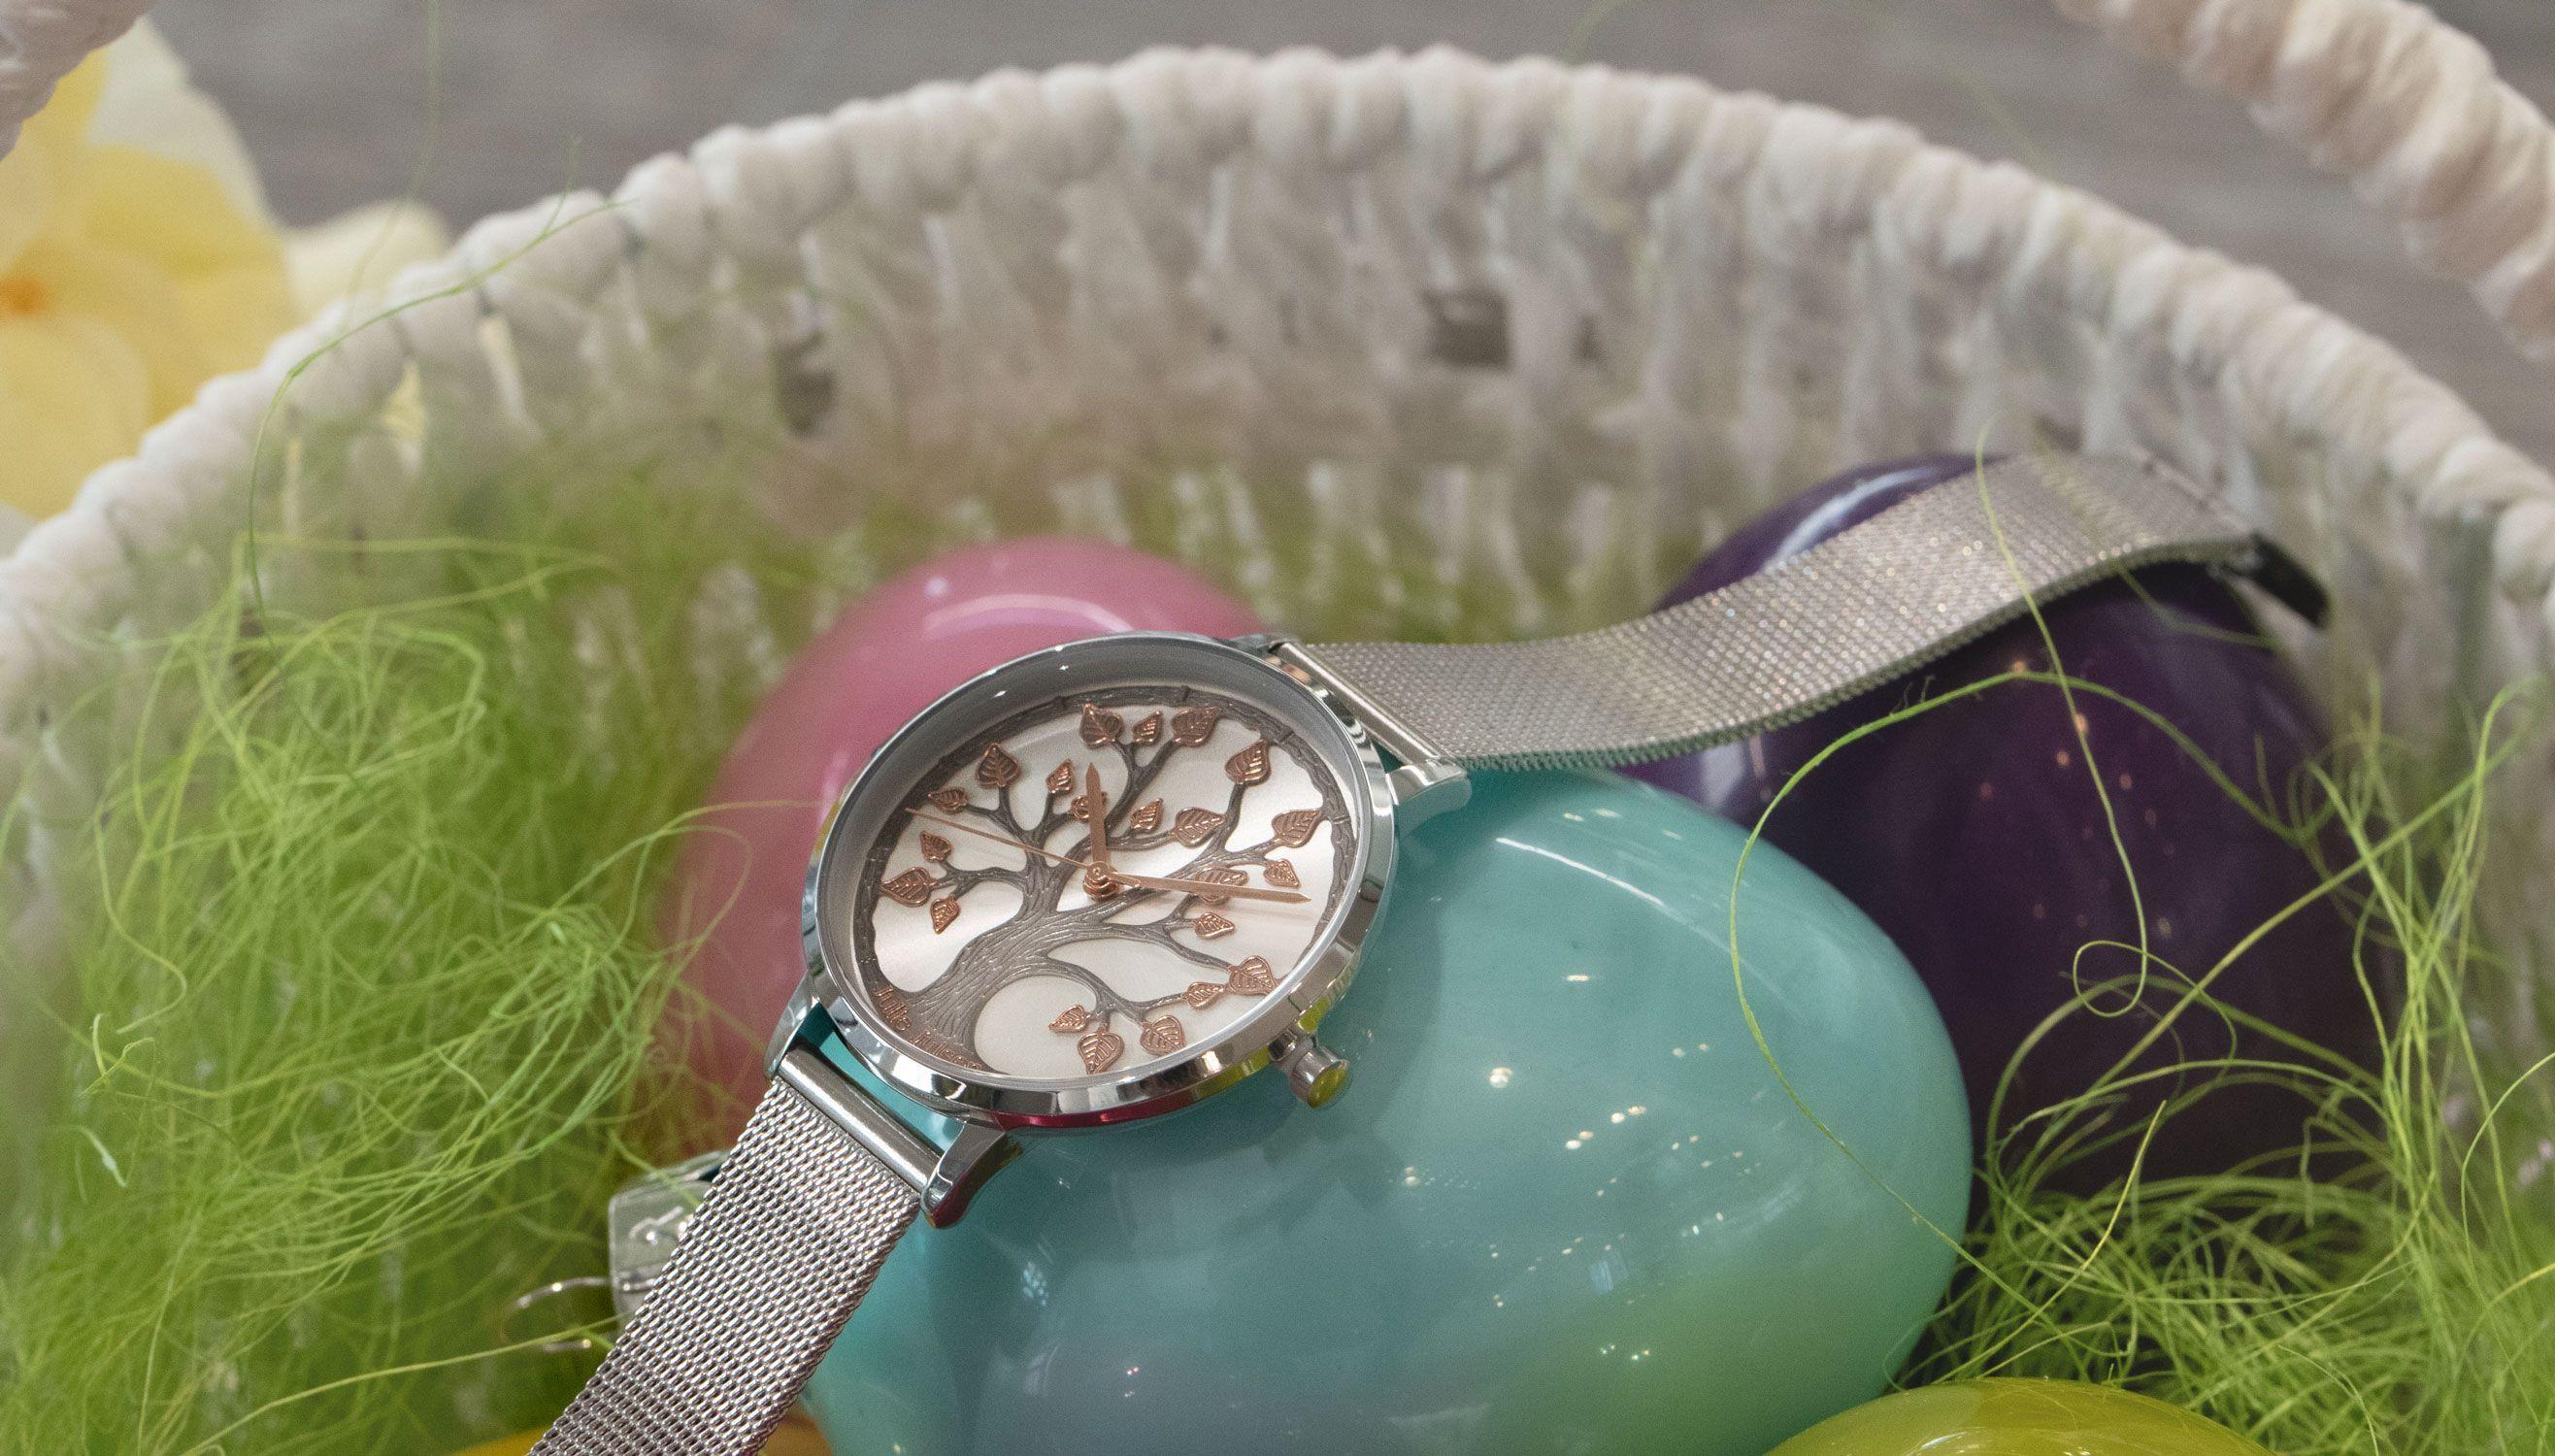 Ostergeschenke Schmuck und Uhren